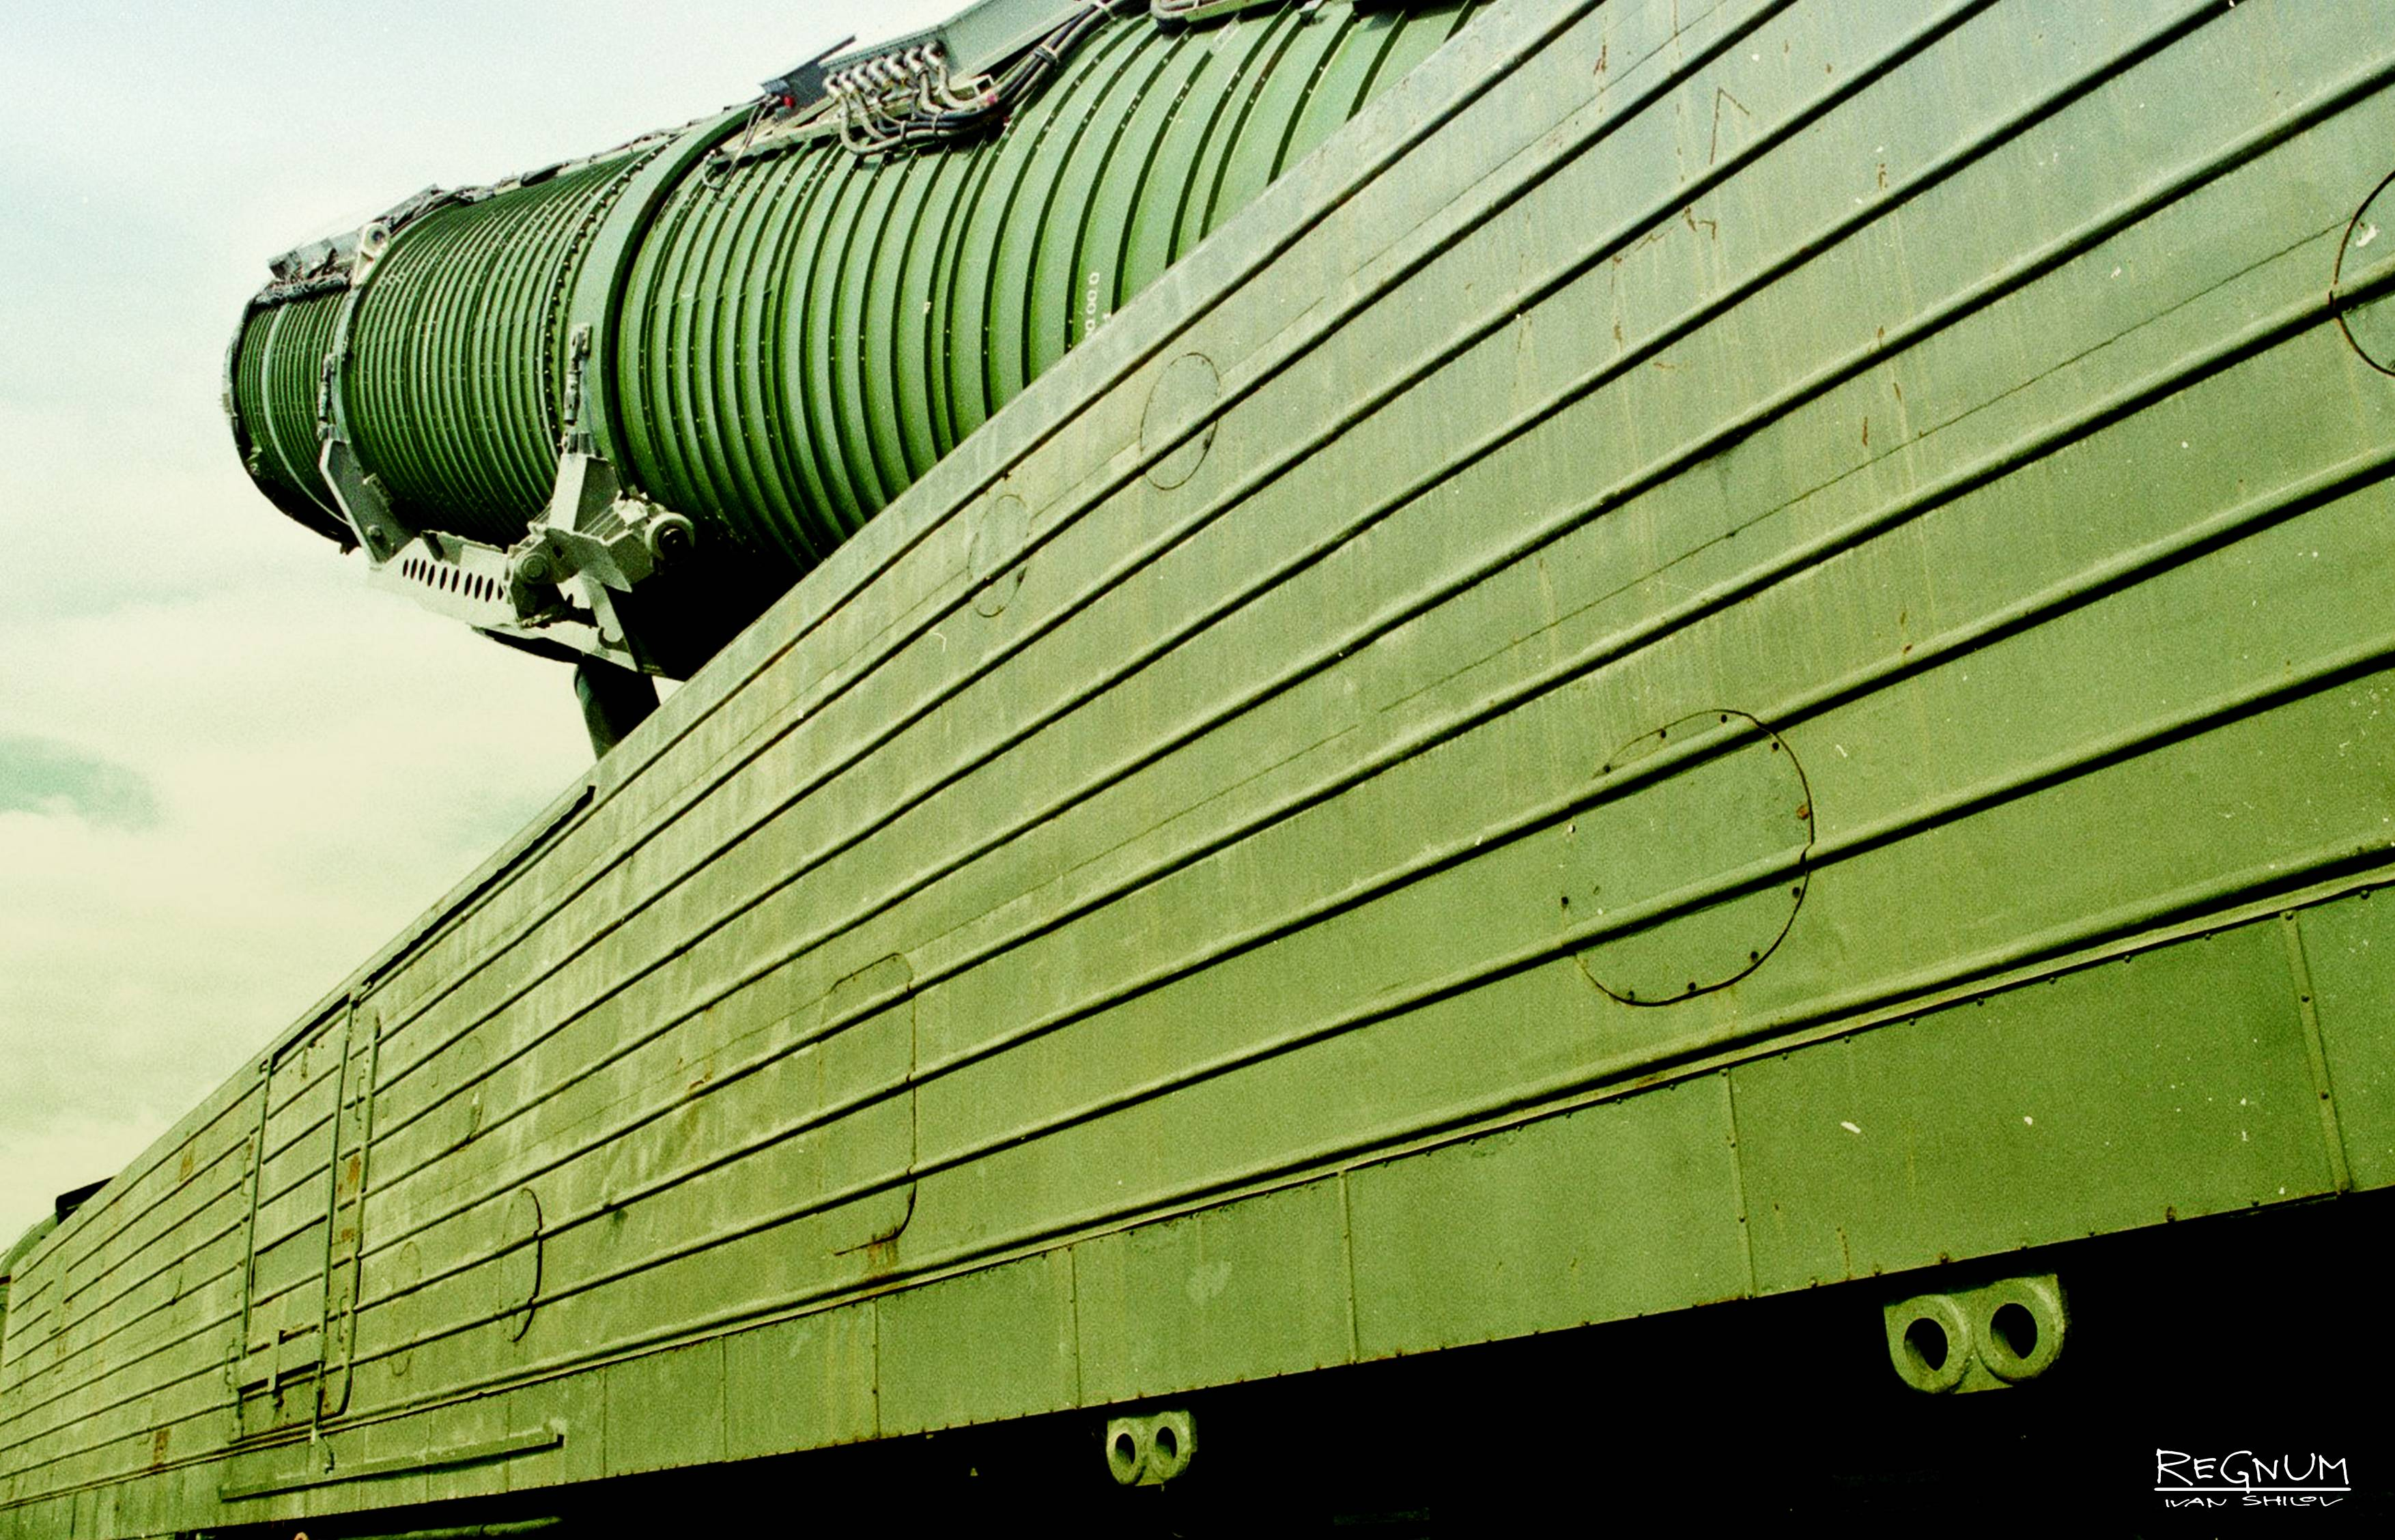 Боевой железнодорожный ракетный комплекс — википедия. что такое боевой железнодорожный ракетный комплекс